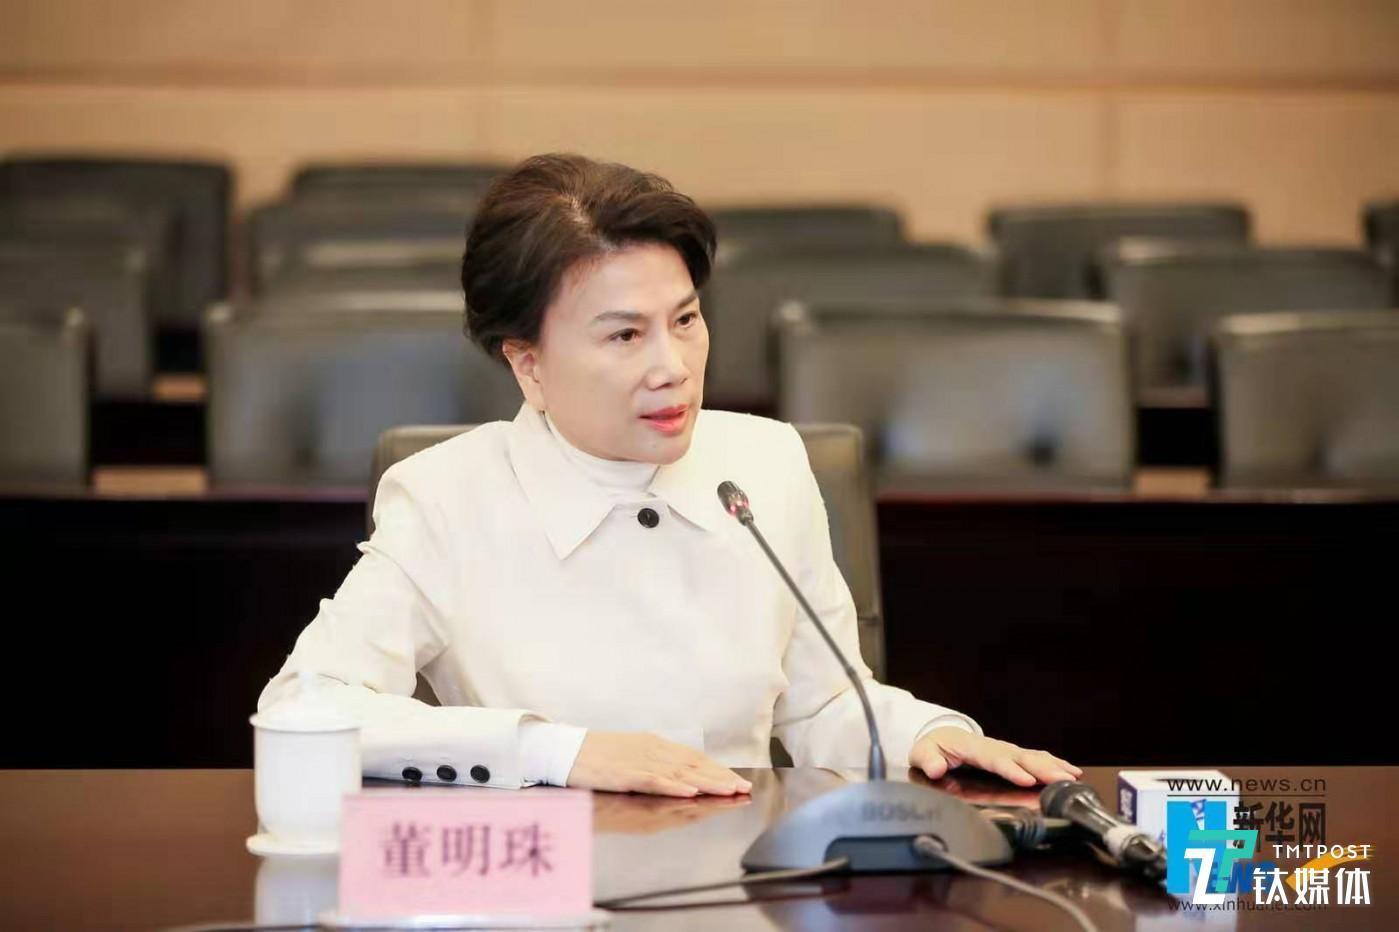 格力电器董事长兼总裁董明珠